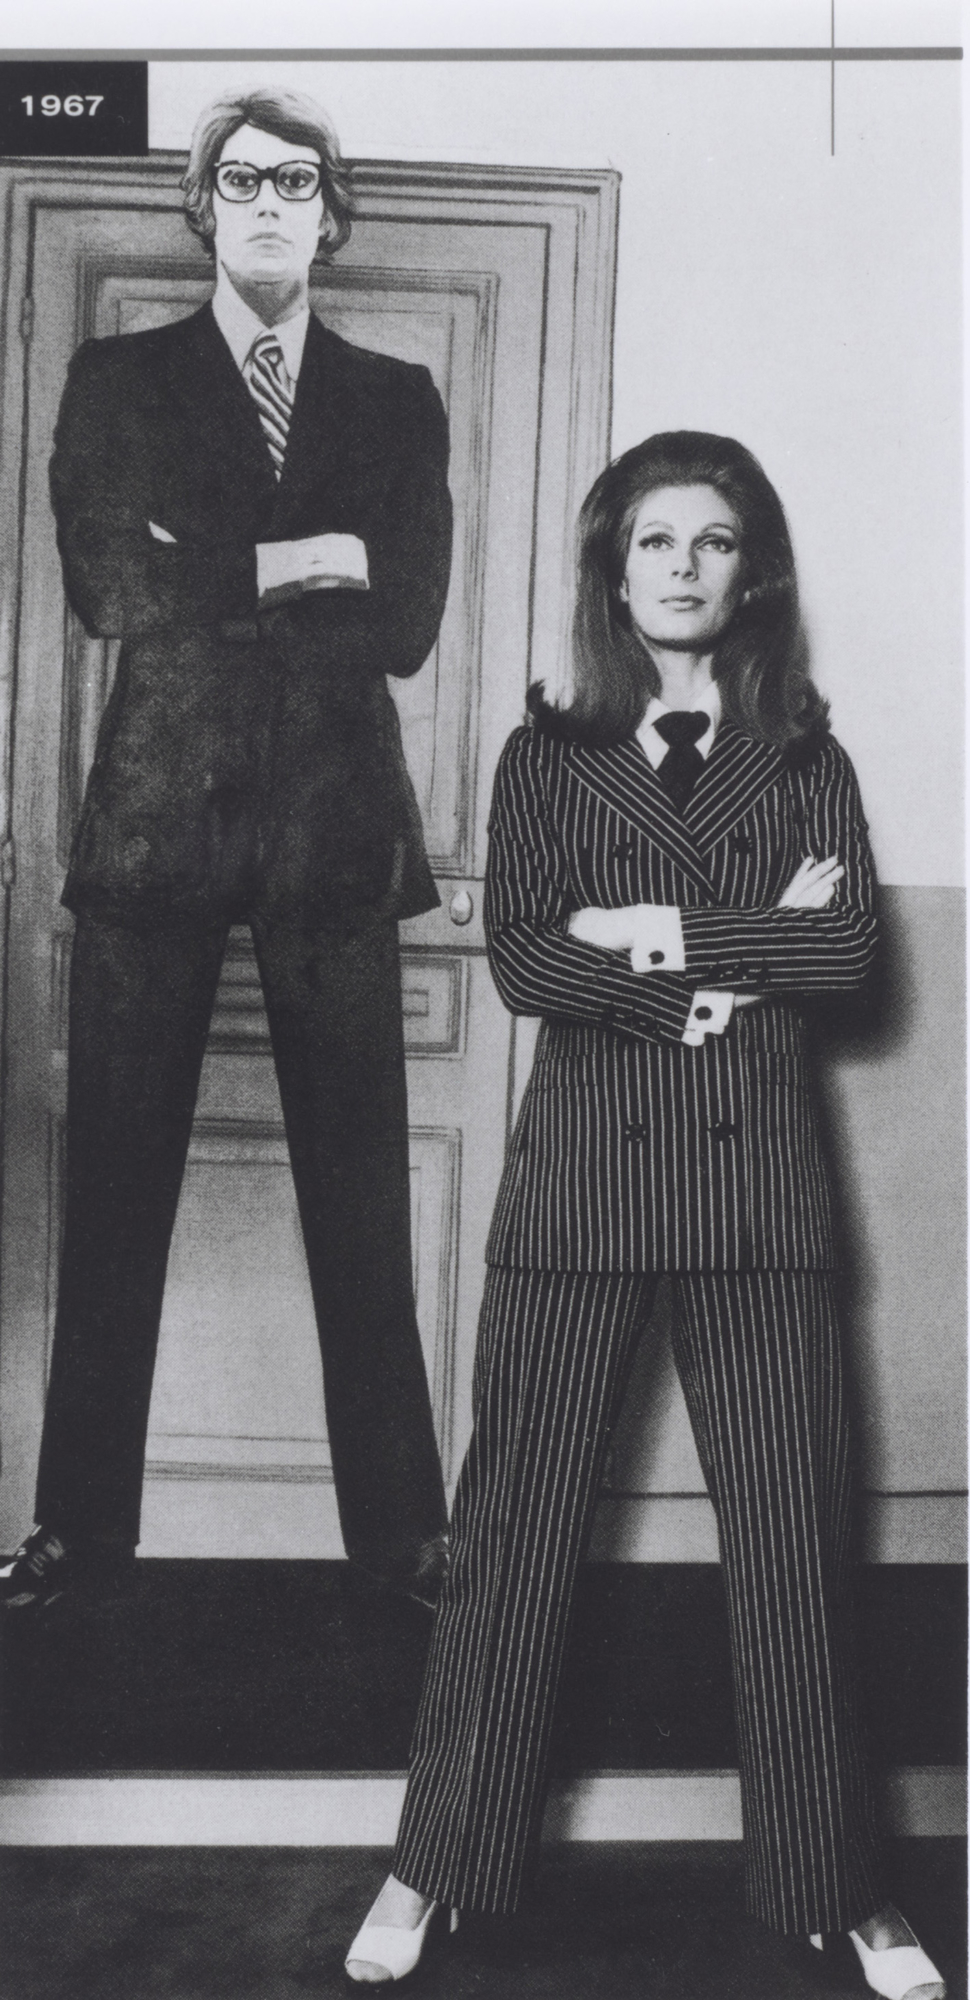 88ee057ab3 Le premier tailleur-pantalon - Musée Yves Saint Laurent Paris